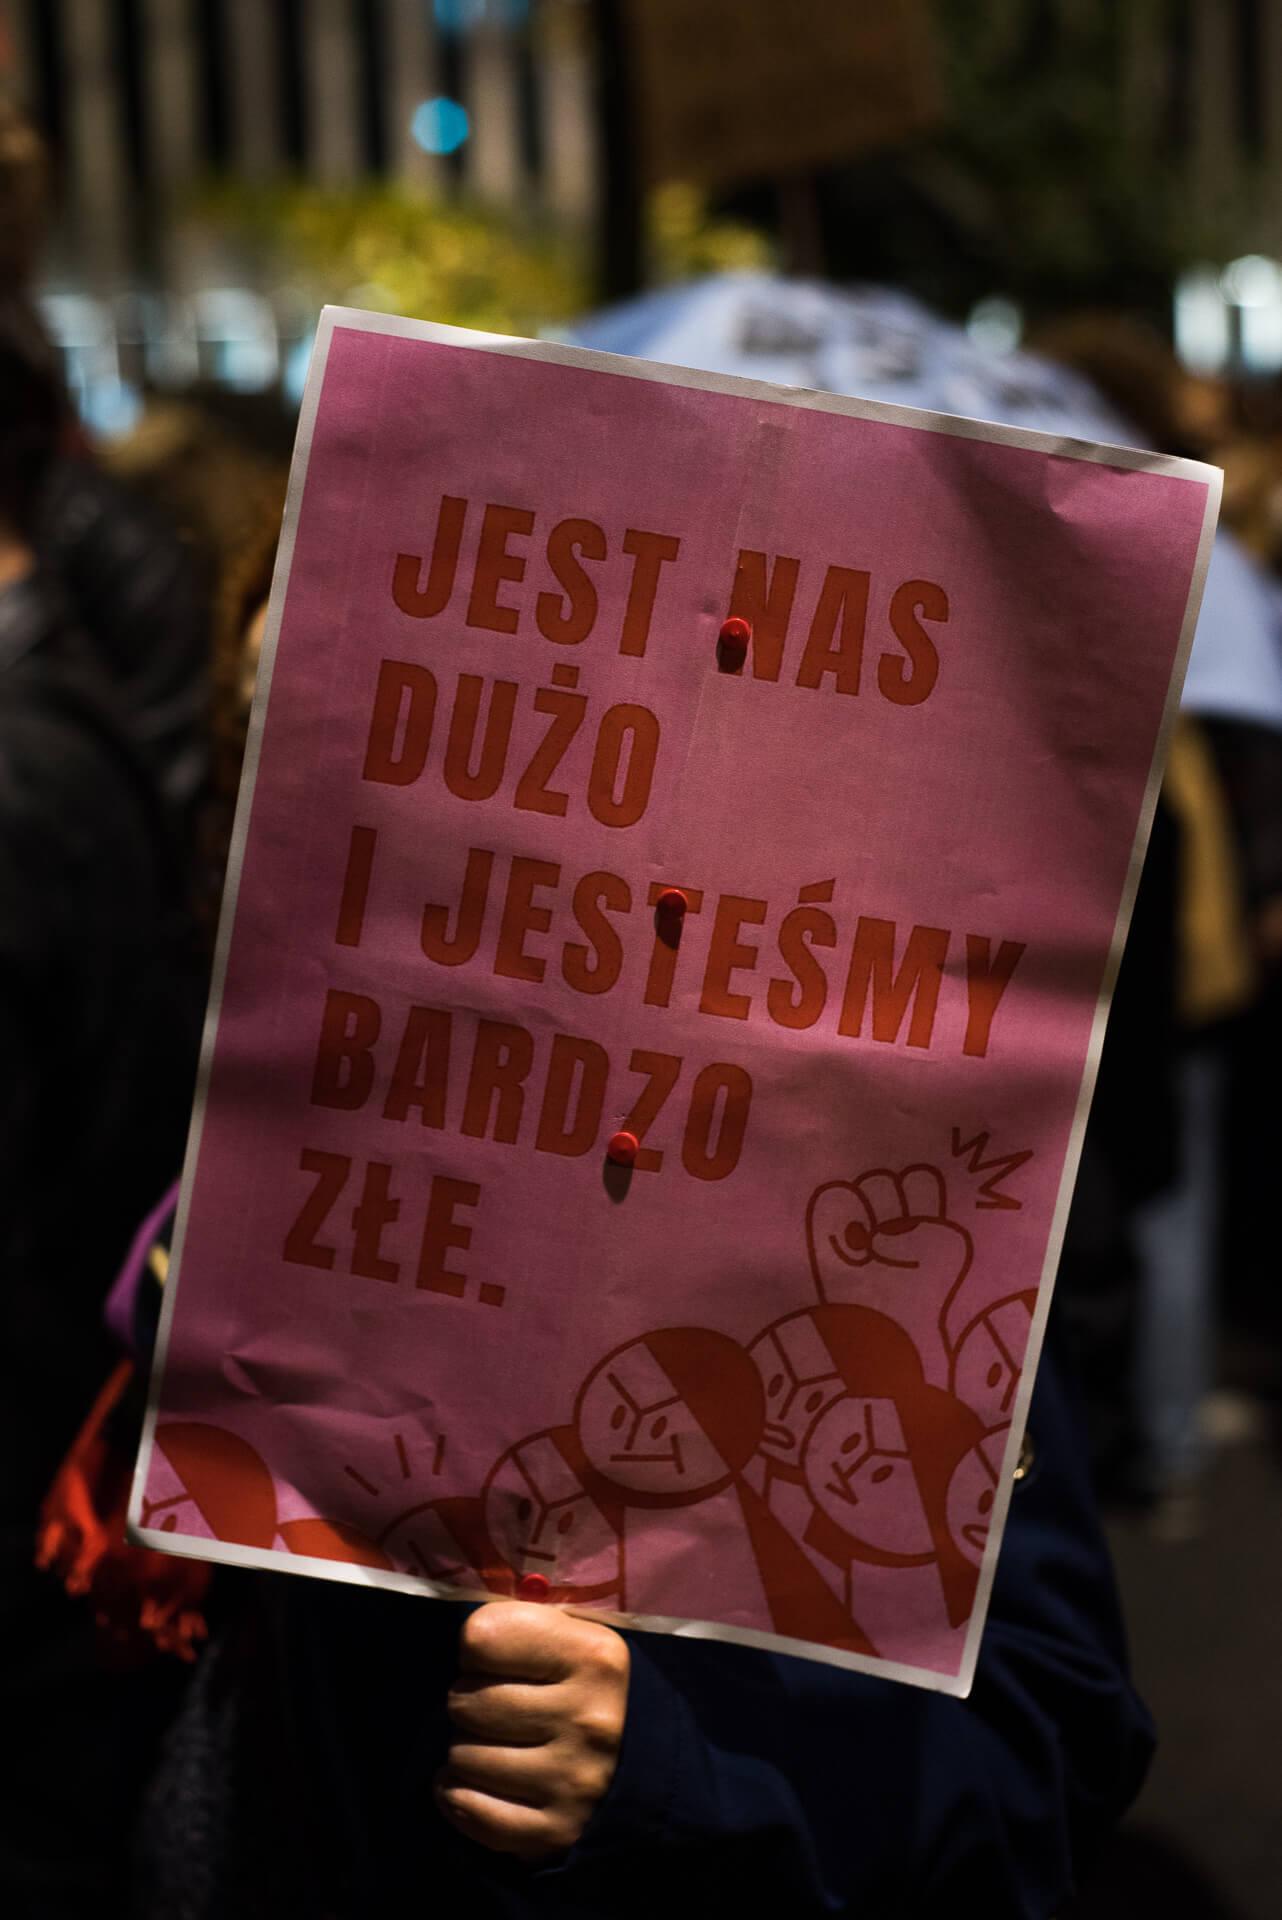 strajk kobiet Warszawa, jest nas dużo i jesteśmy bardzo złe